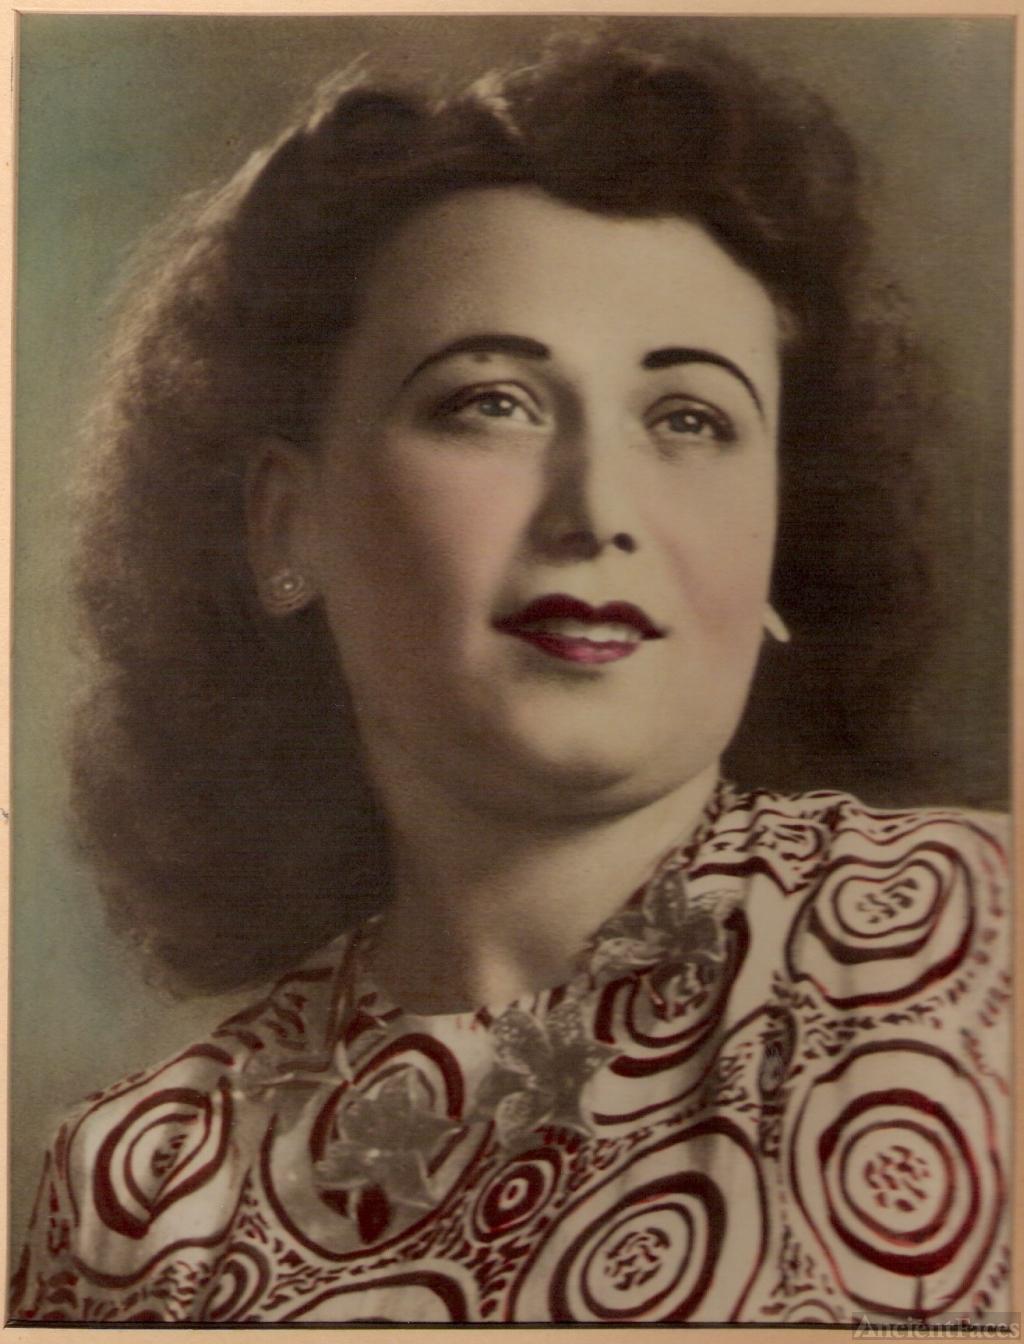 Thelma Doreen Malloy, UK